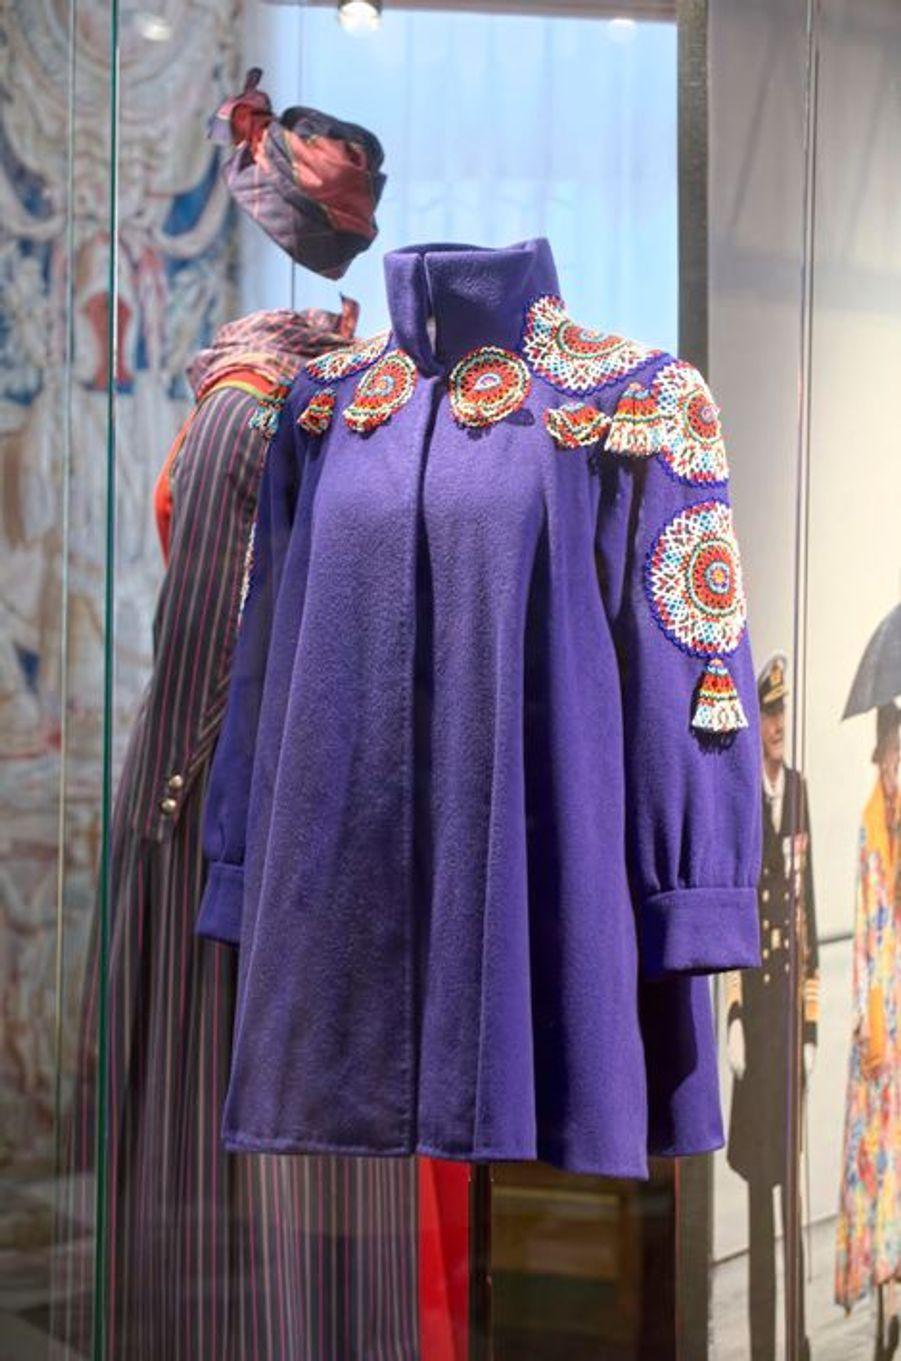 Exposition consacrée à la garde-robe de la reine Margrethe II à Hillerod, le 25 mars 2015